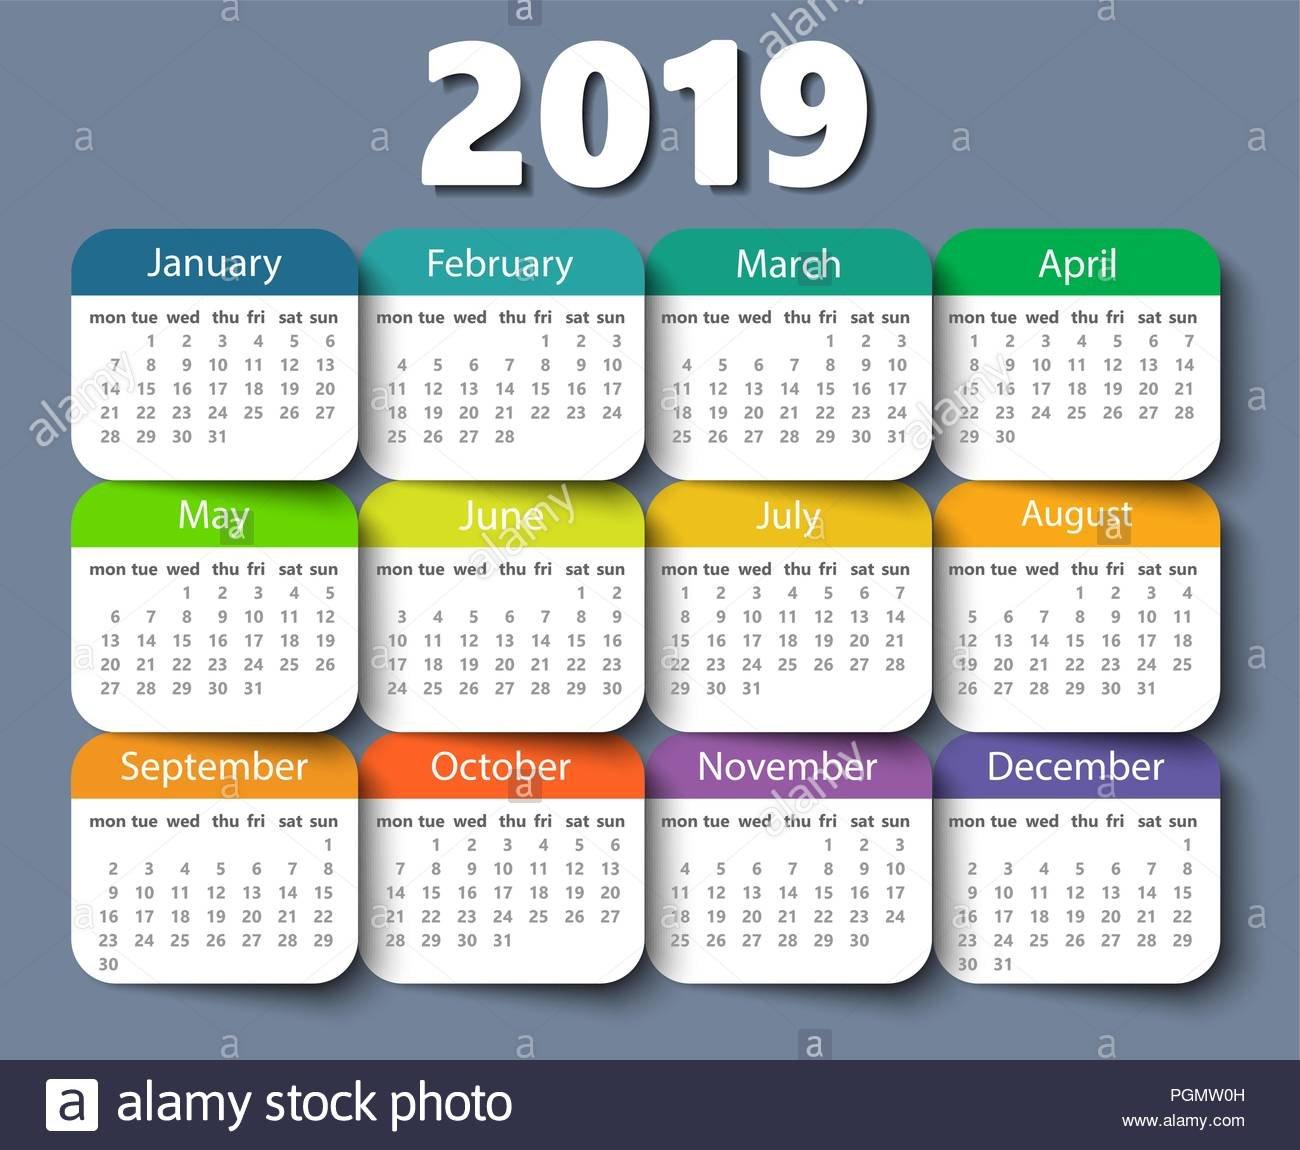 Calendar 2019 Year Vector Design Template. Week Starting On Monday Design A Calendar 2019